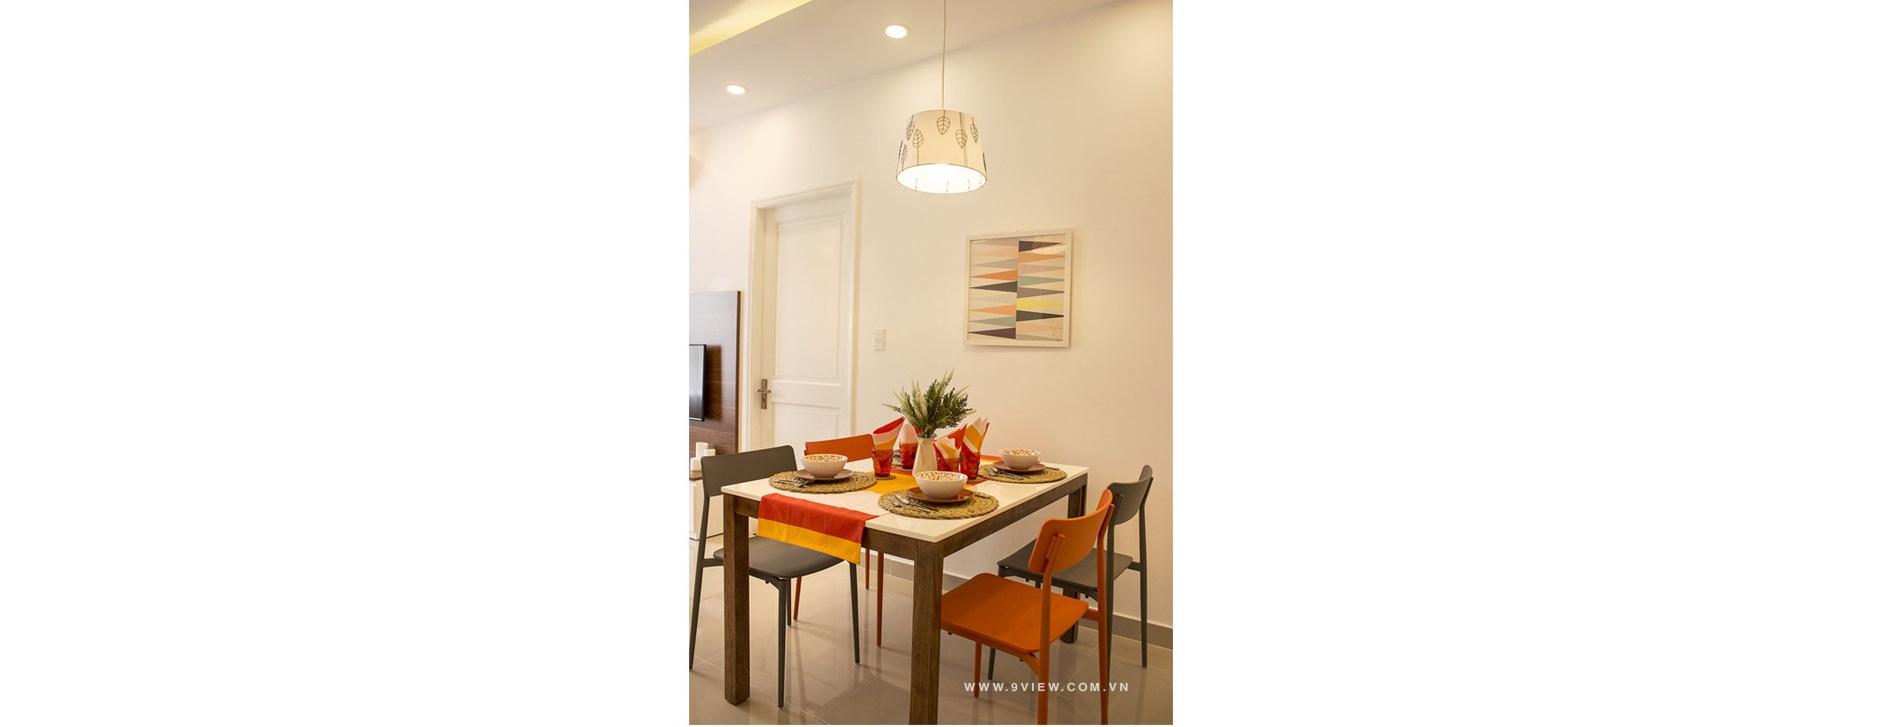 dự án căn hộ chung cư 9 View Apartment quận 9